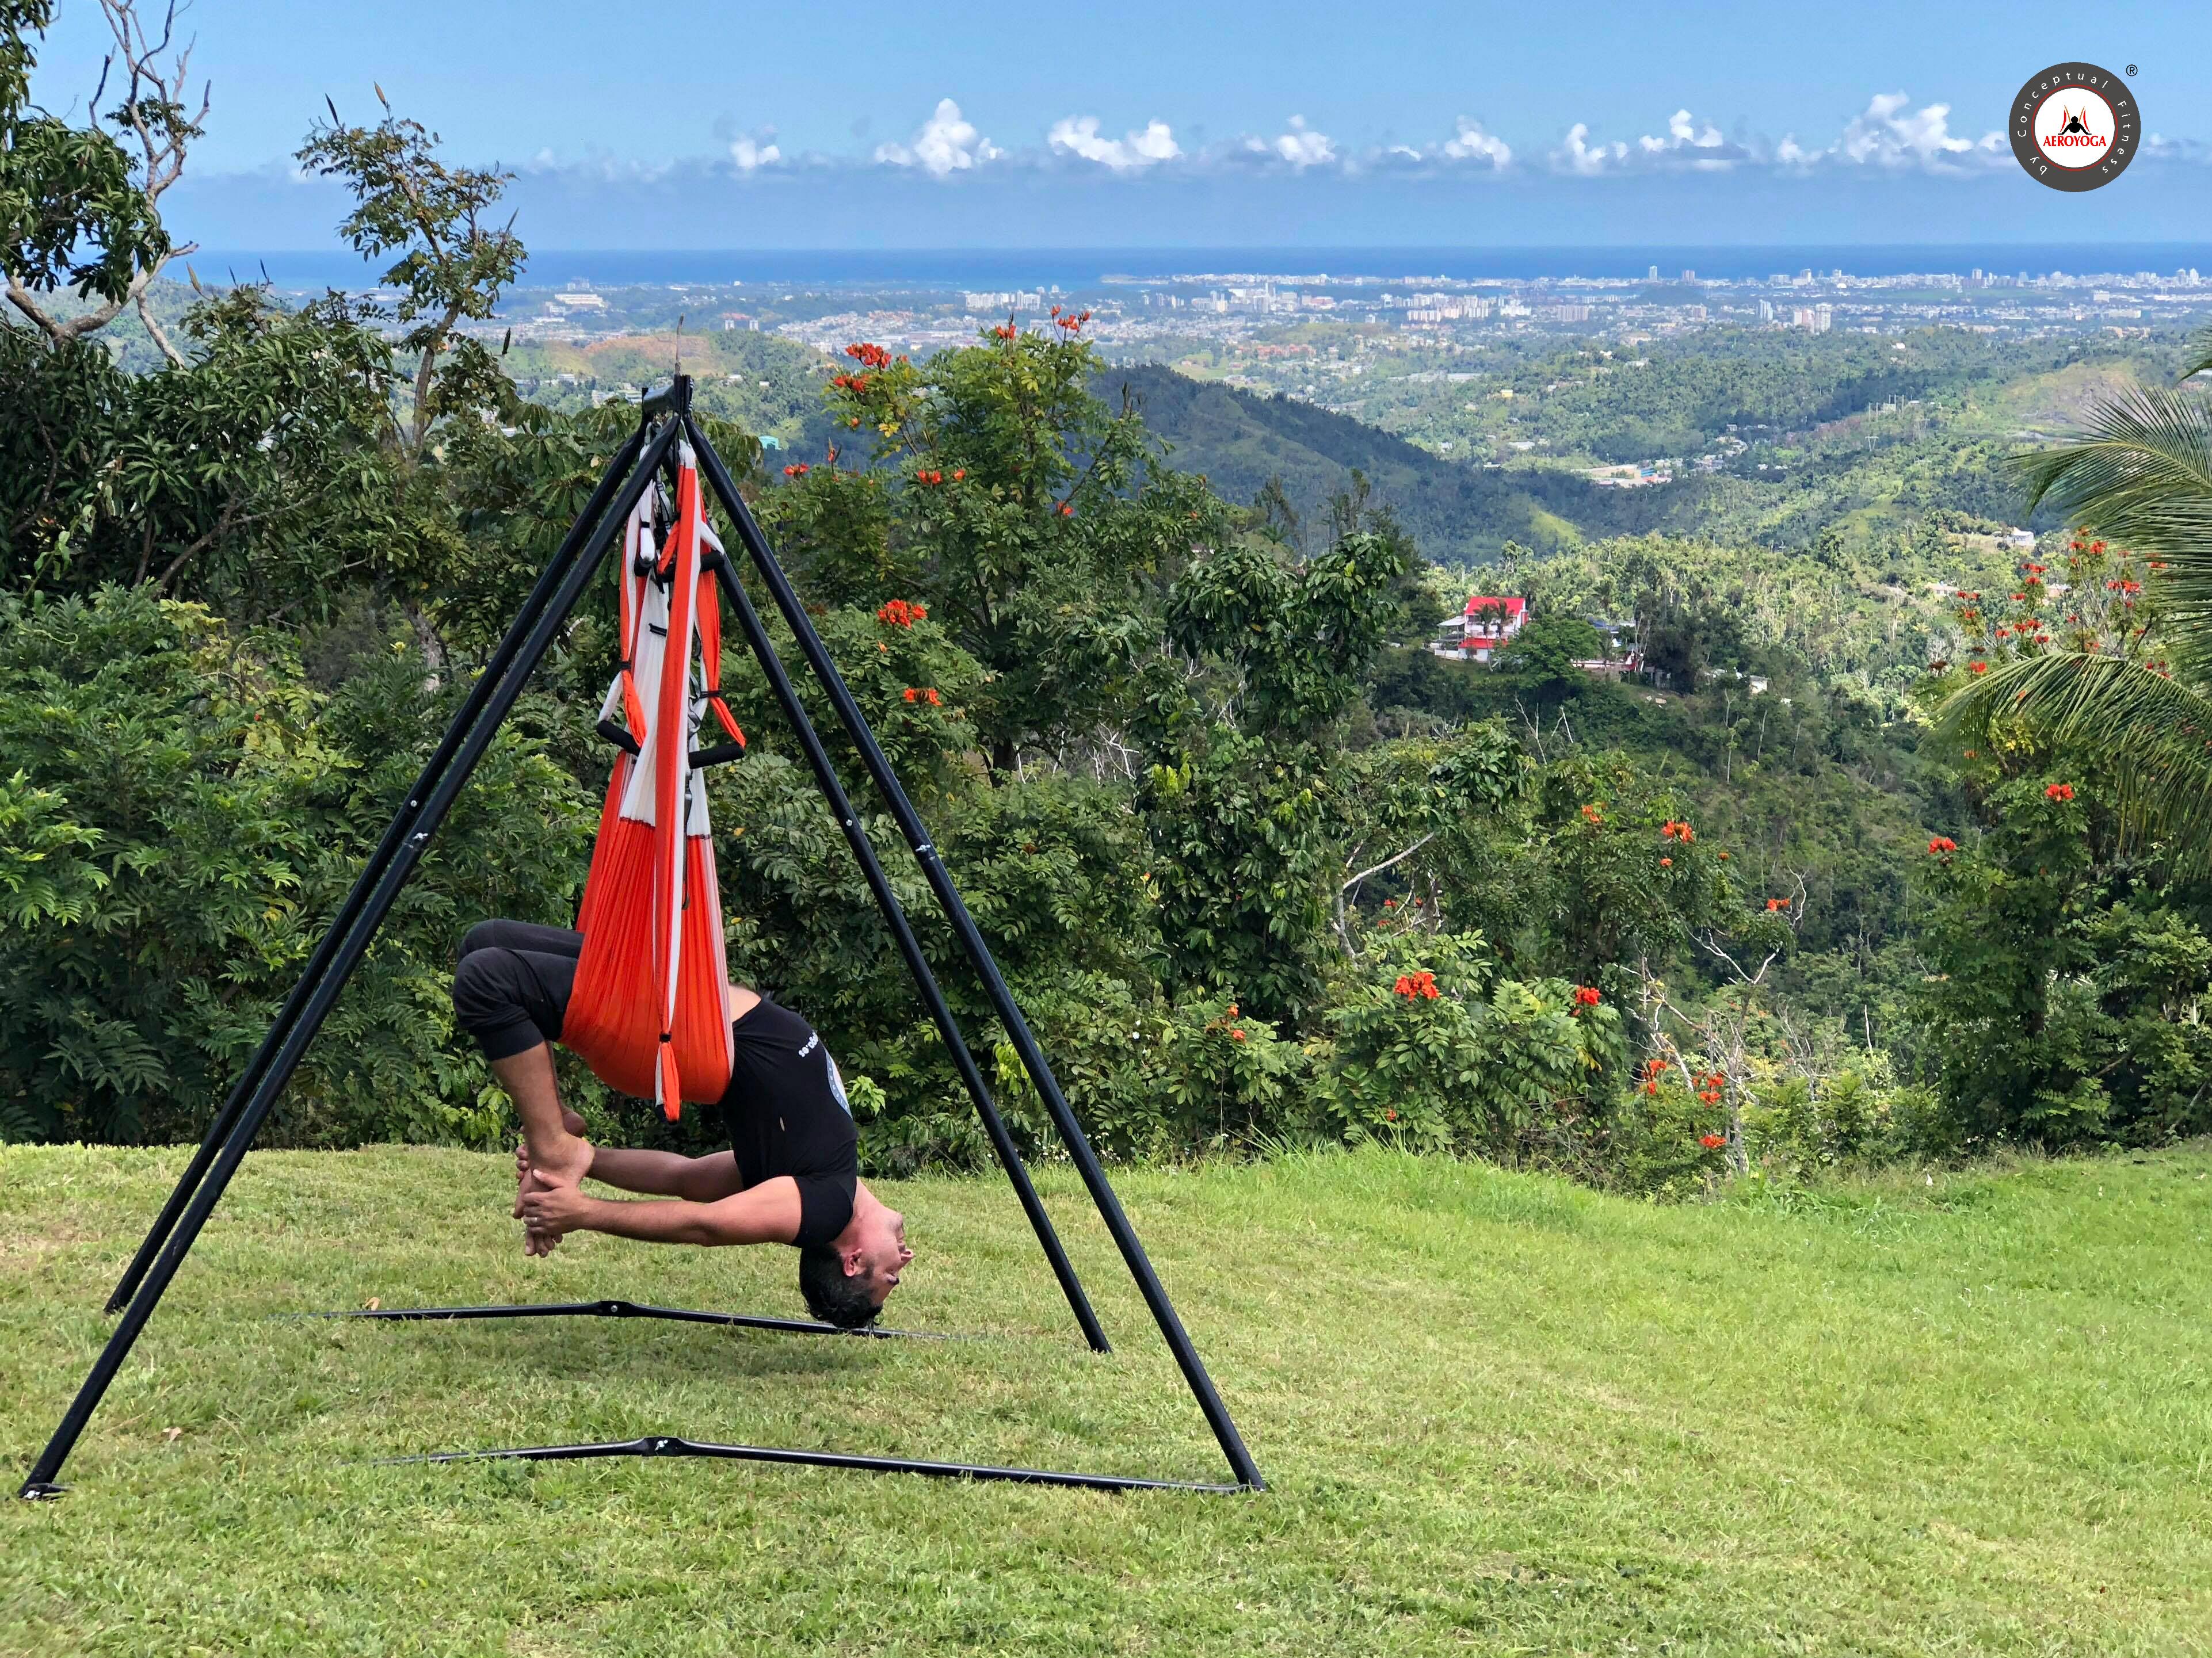 Yoga Aéreo: Práctica del AeroYoga ® al Aire Libre, Salud, Bienestar y Plenitud